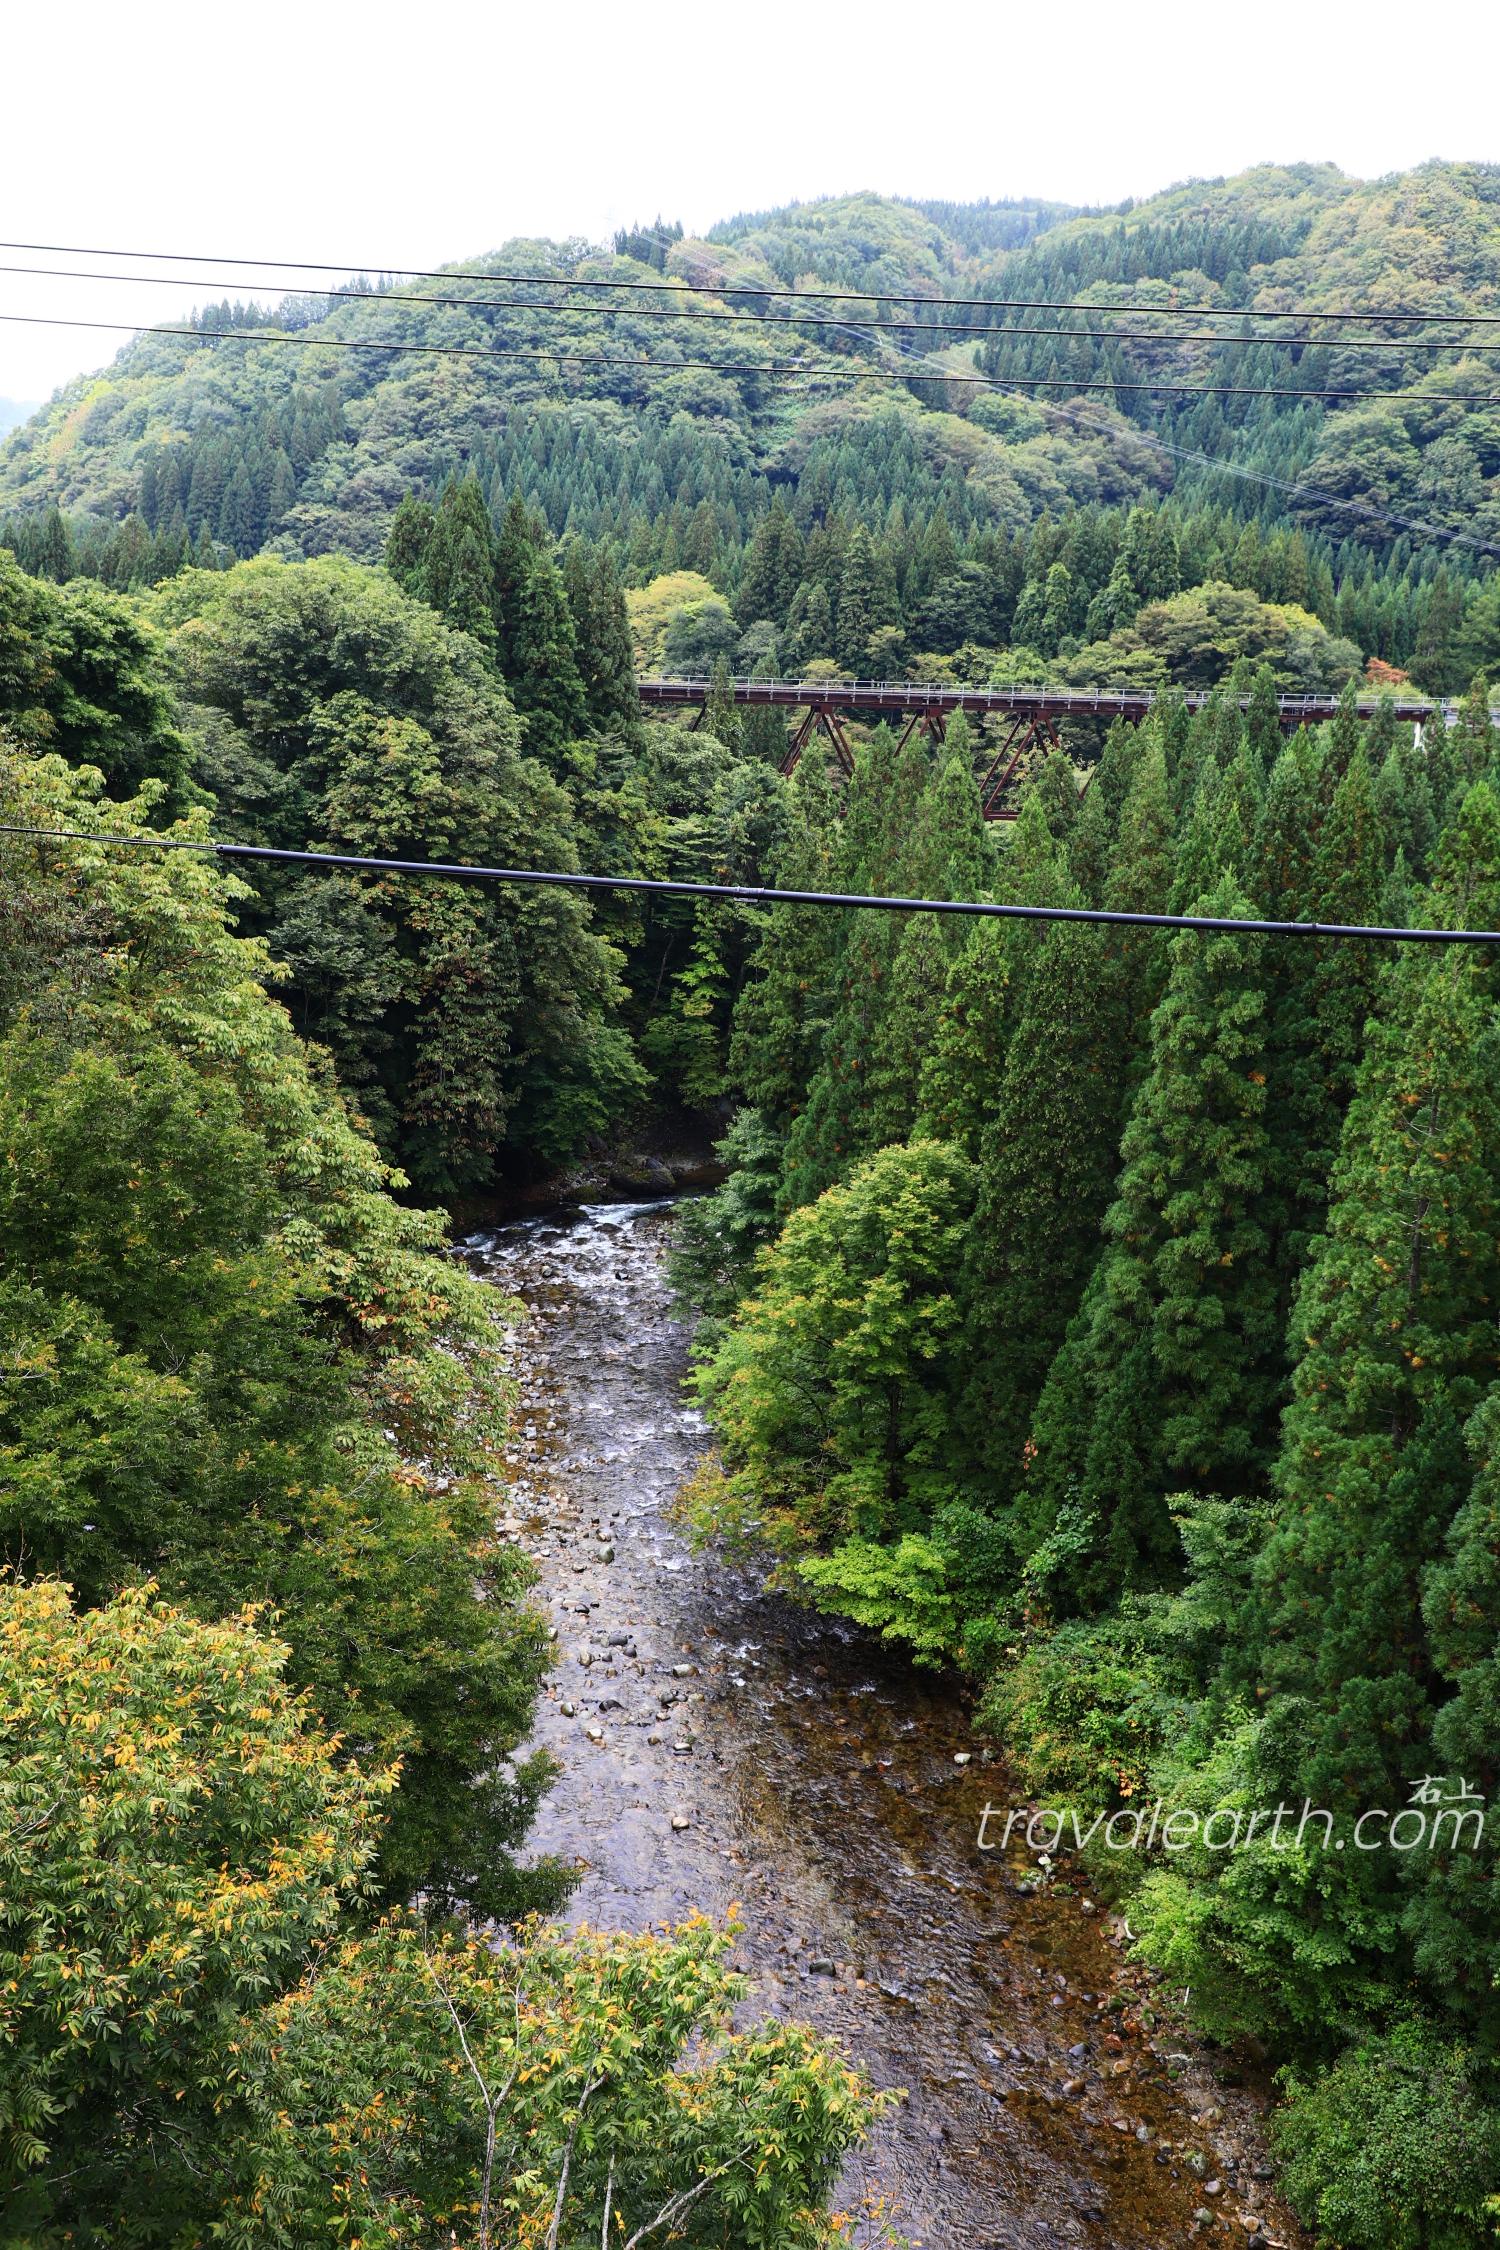 秋田內陸線搭乘攻略&內陸線八景鐵道攝影:大又川橋梁、森吉山眺望、比立內橋樑 @右上世界食旅